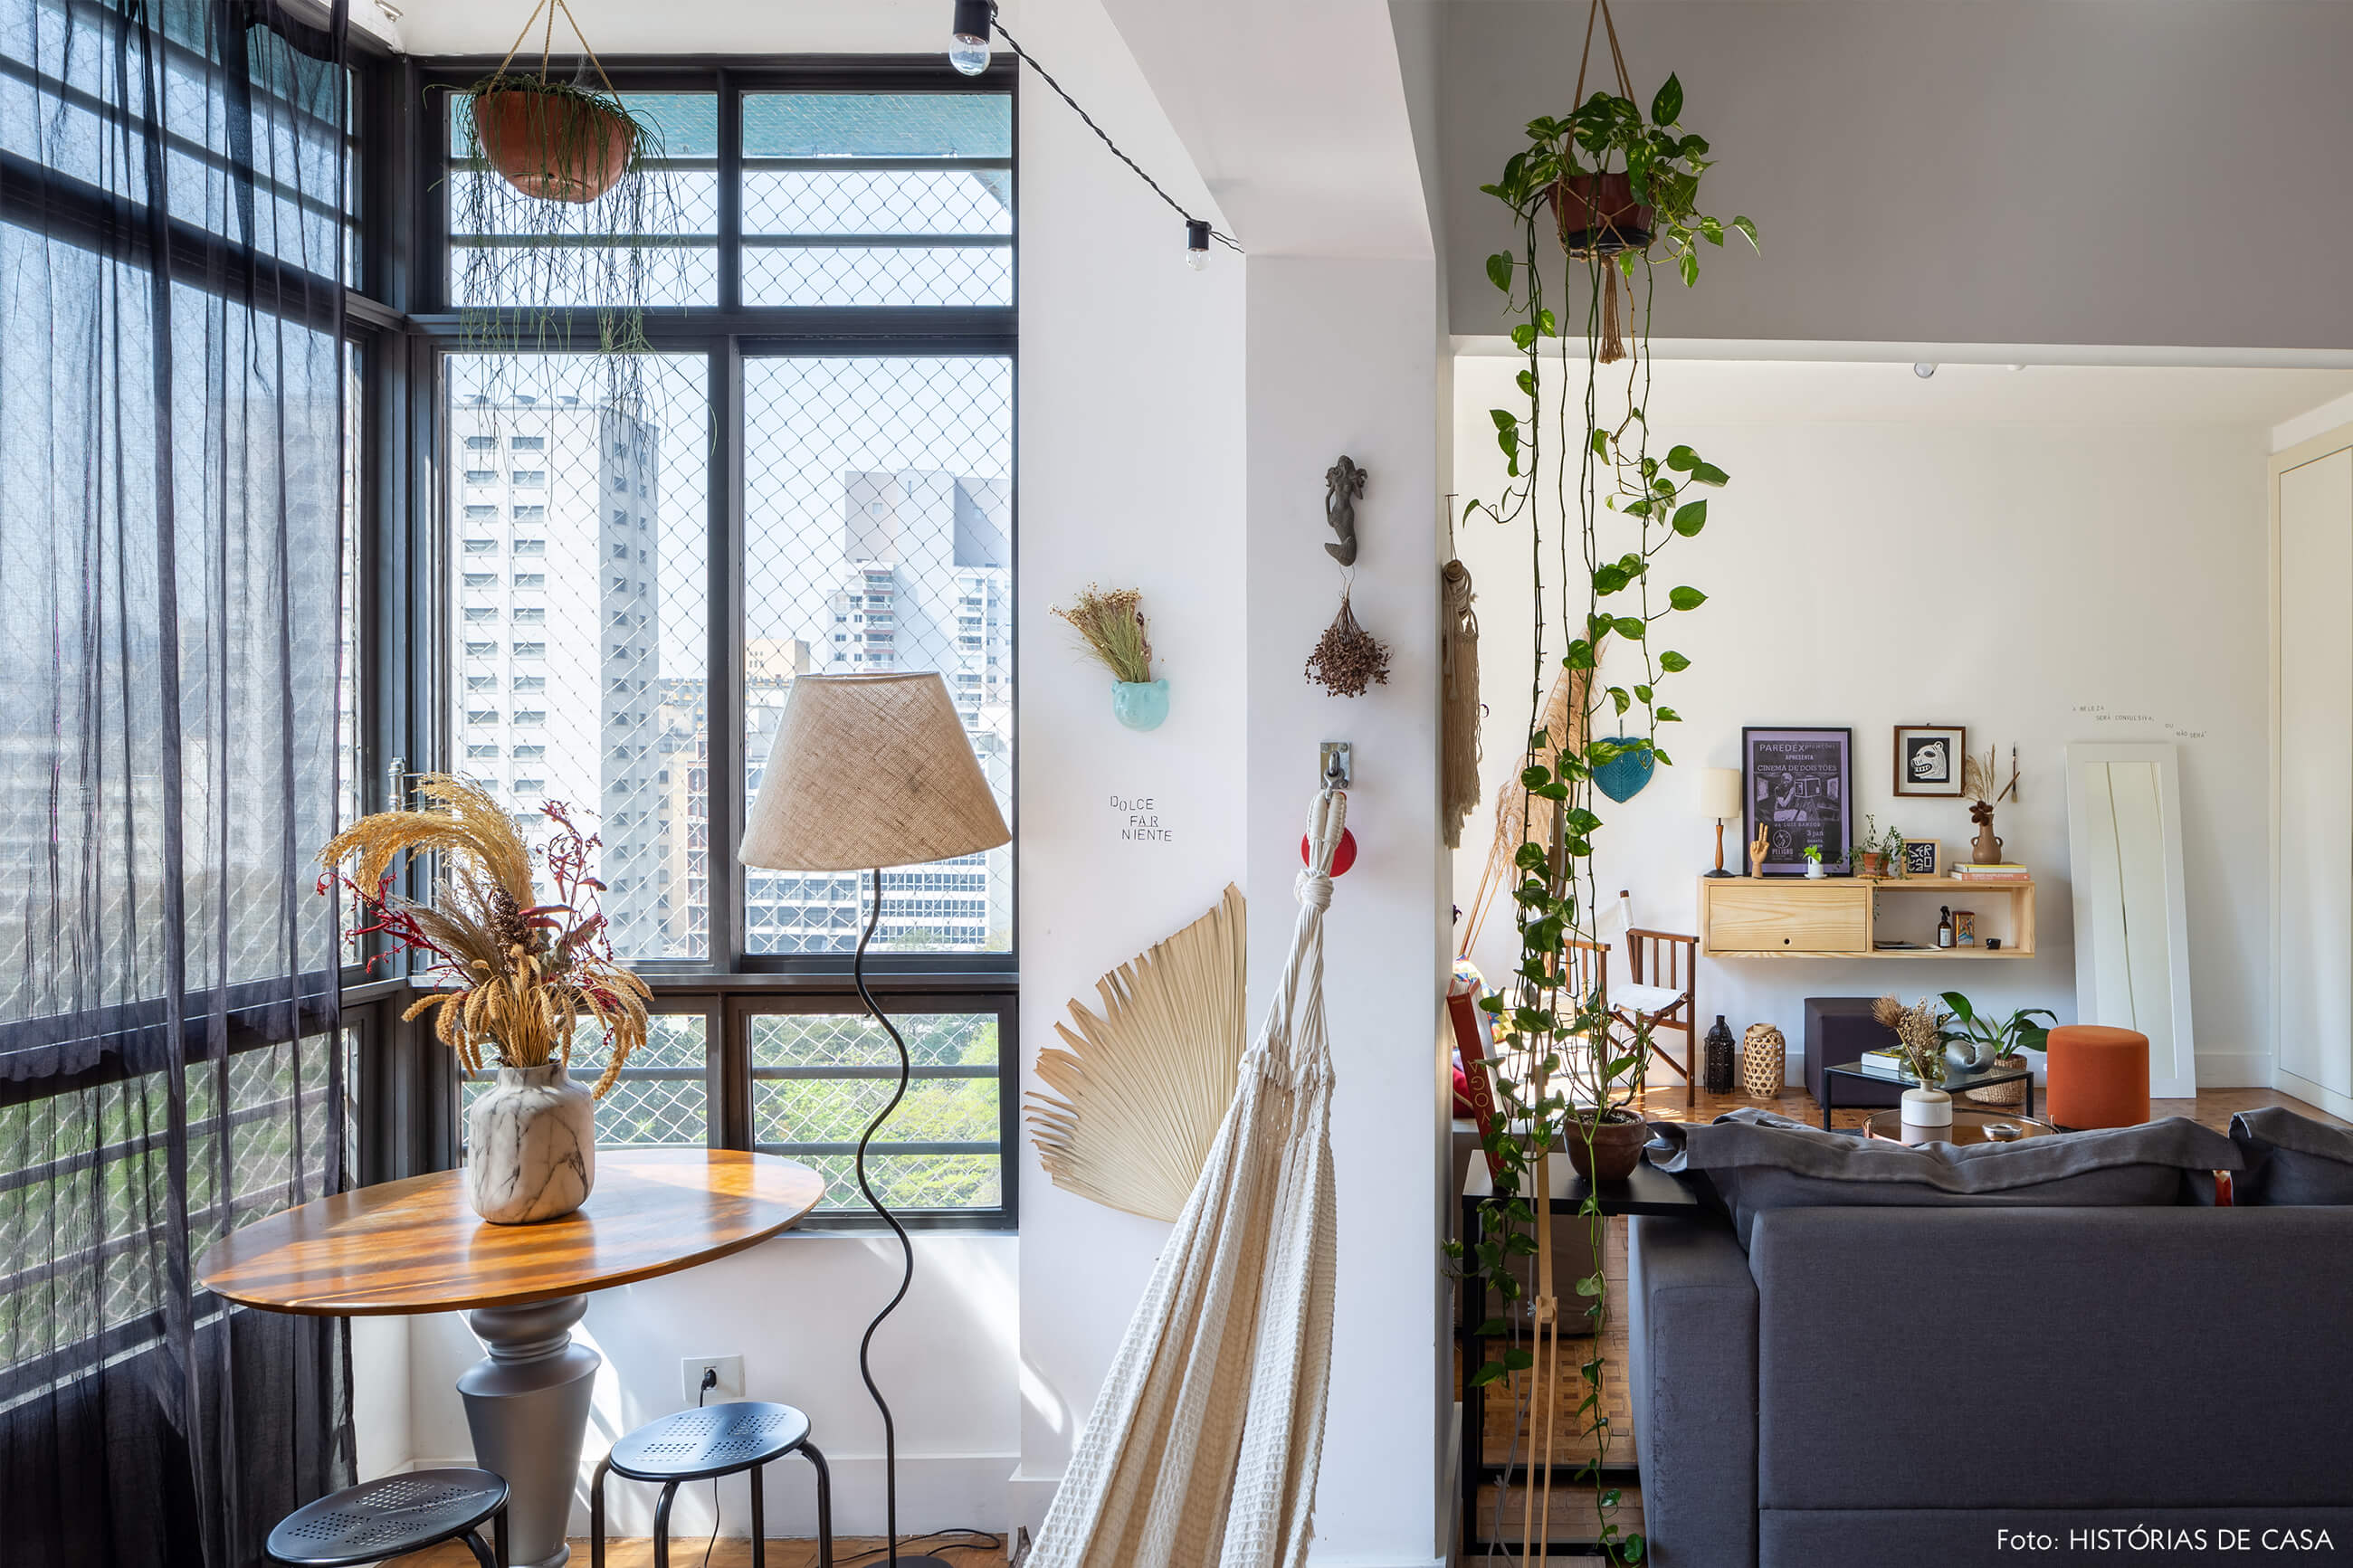 sala-com-rede-plantas-e-mesa-circular-de-madeira